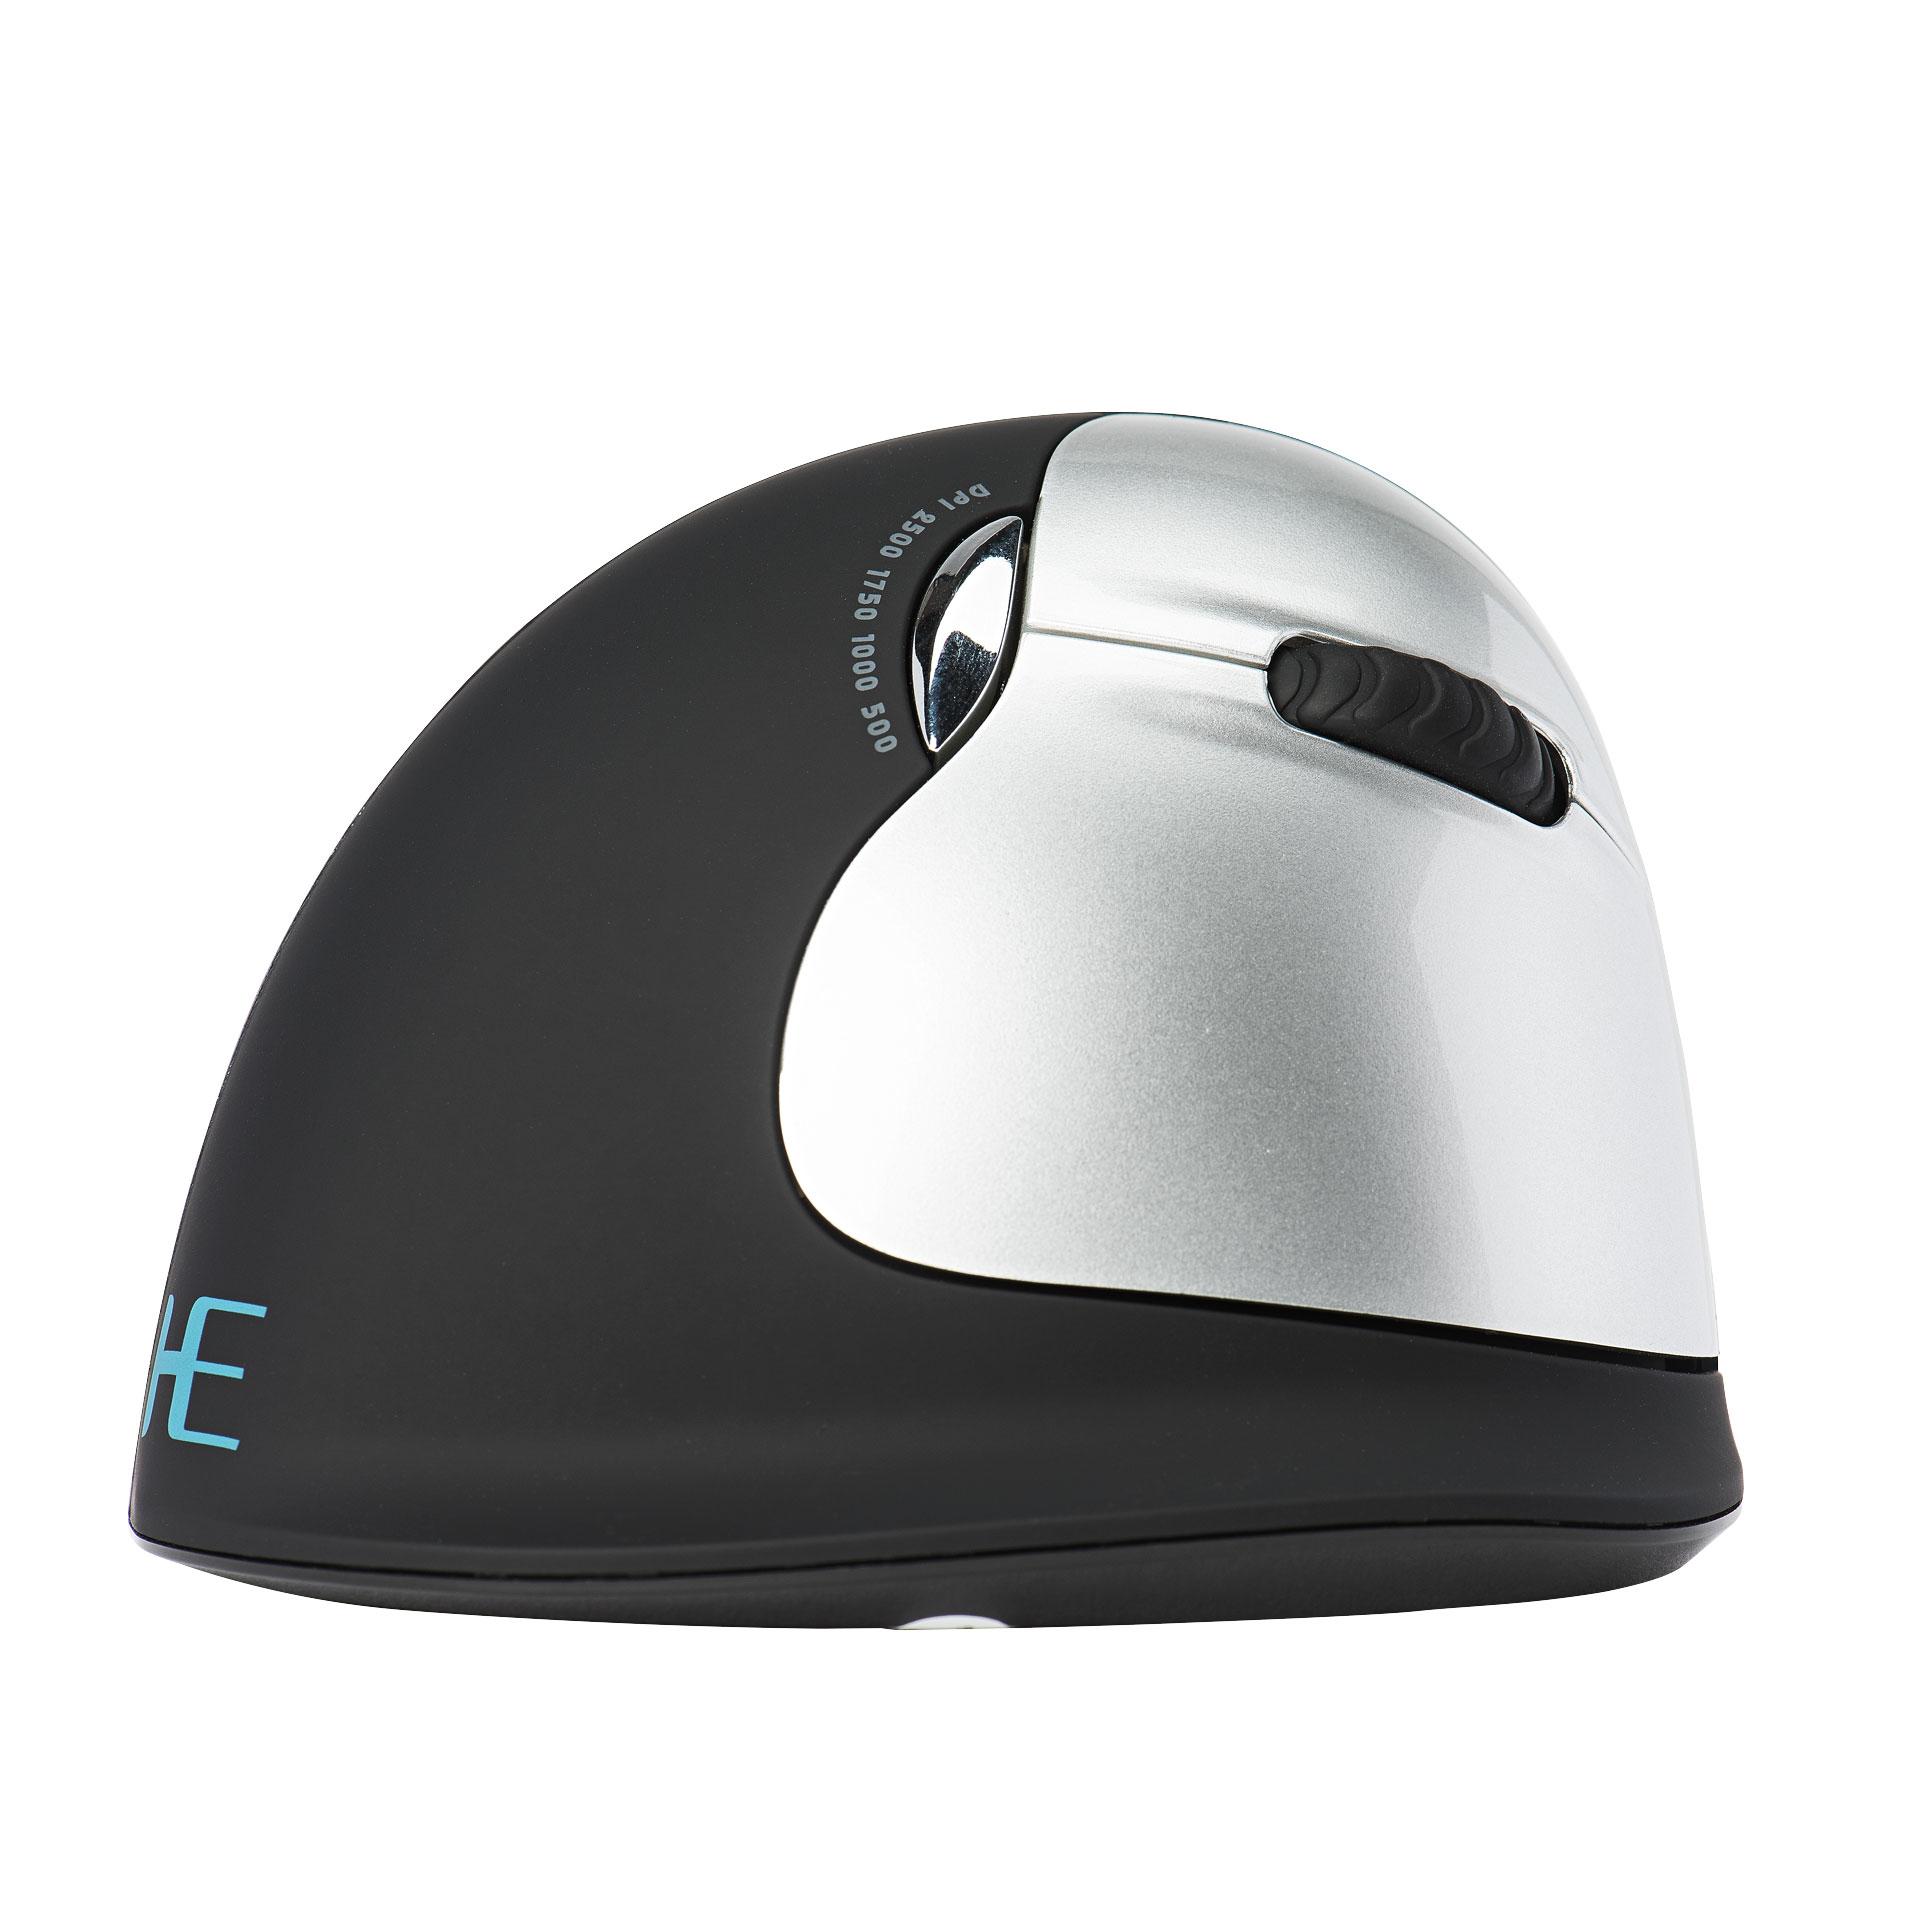 R-Go HE Mouse Ergonomische muis, Groot (> 185mm), Rechtshandig, Draadloos